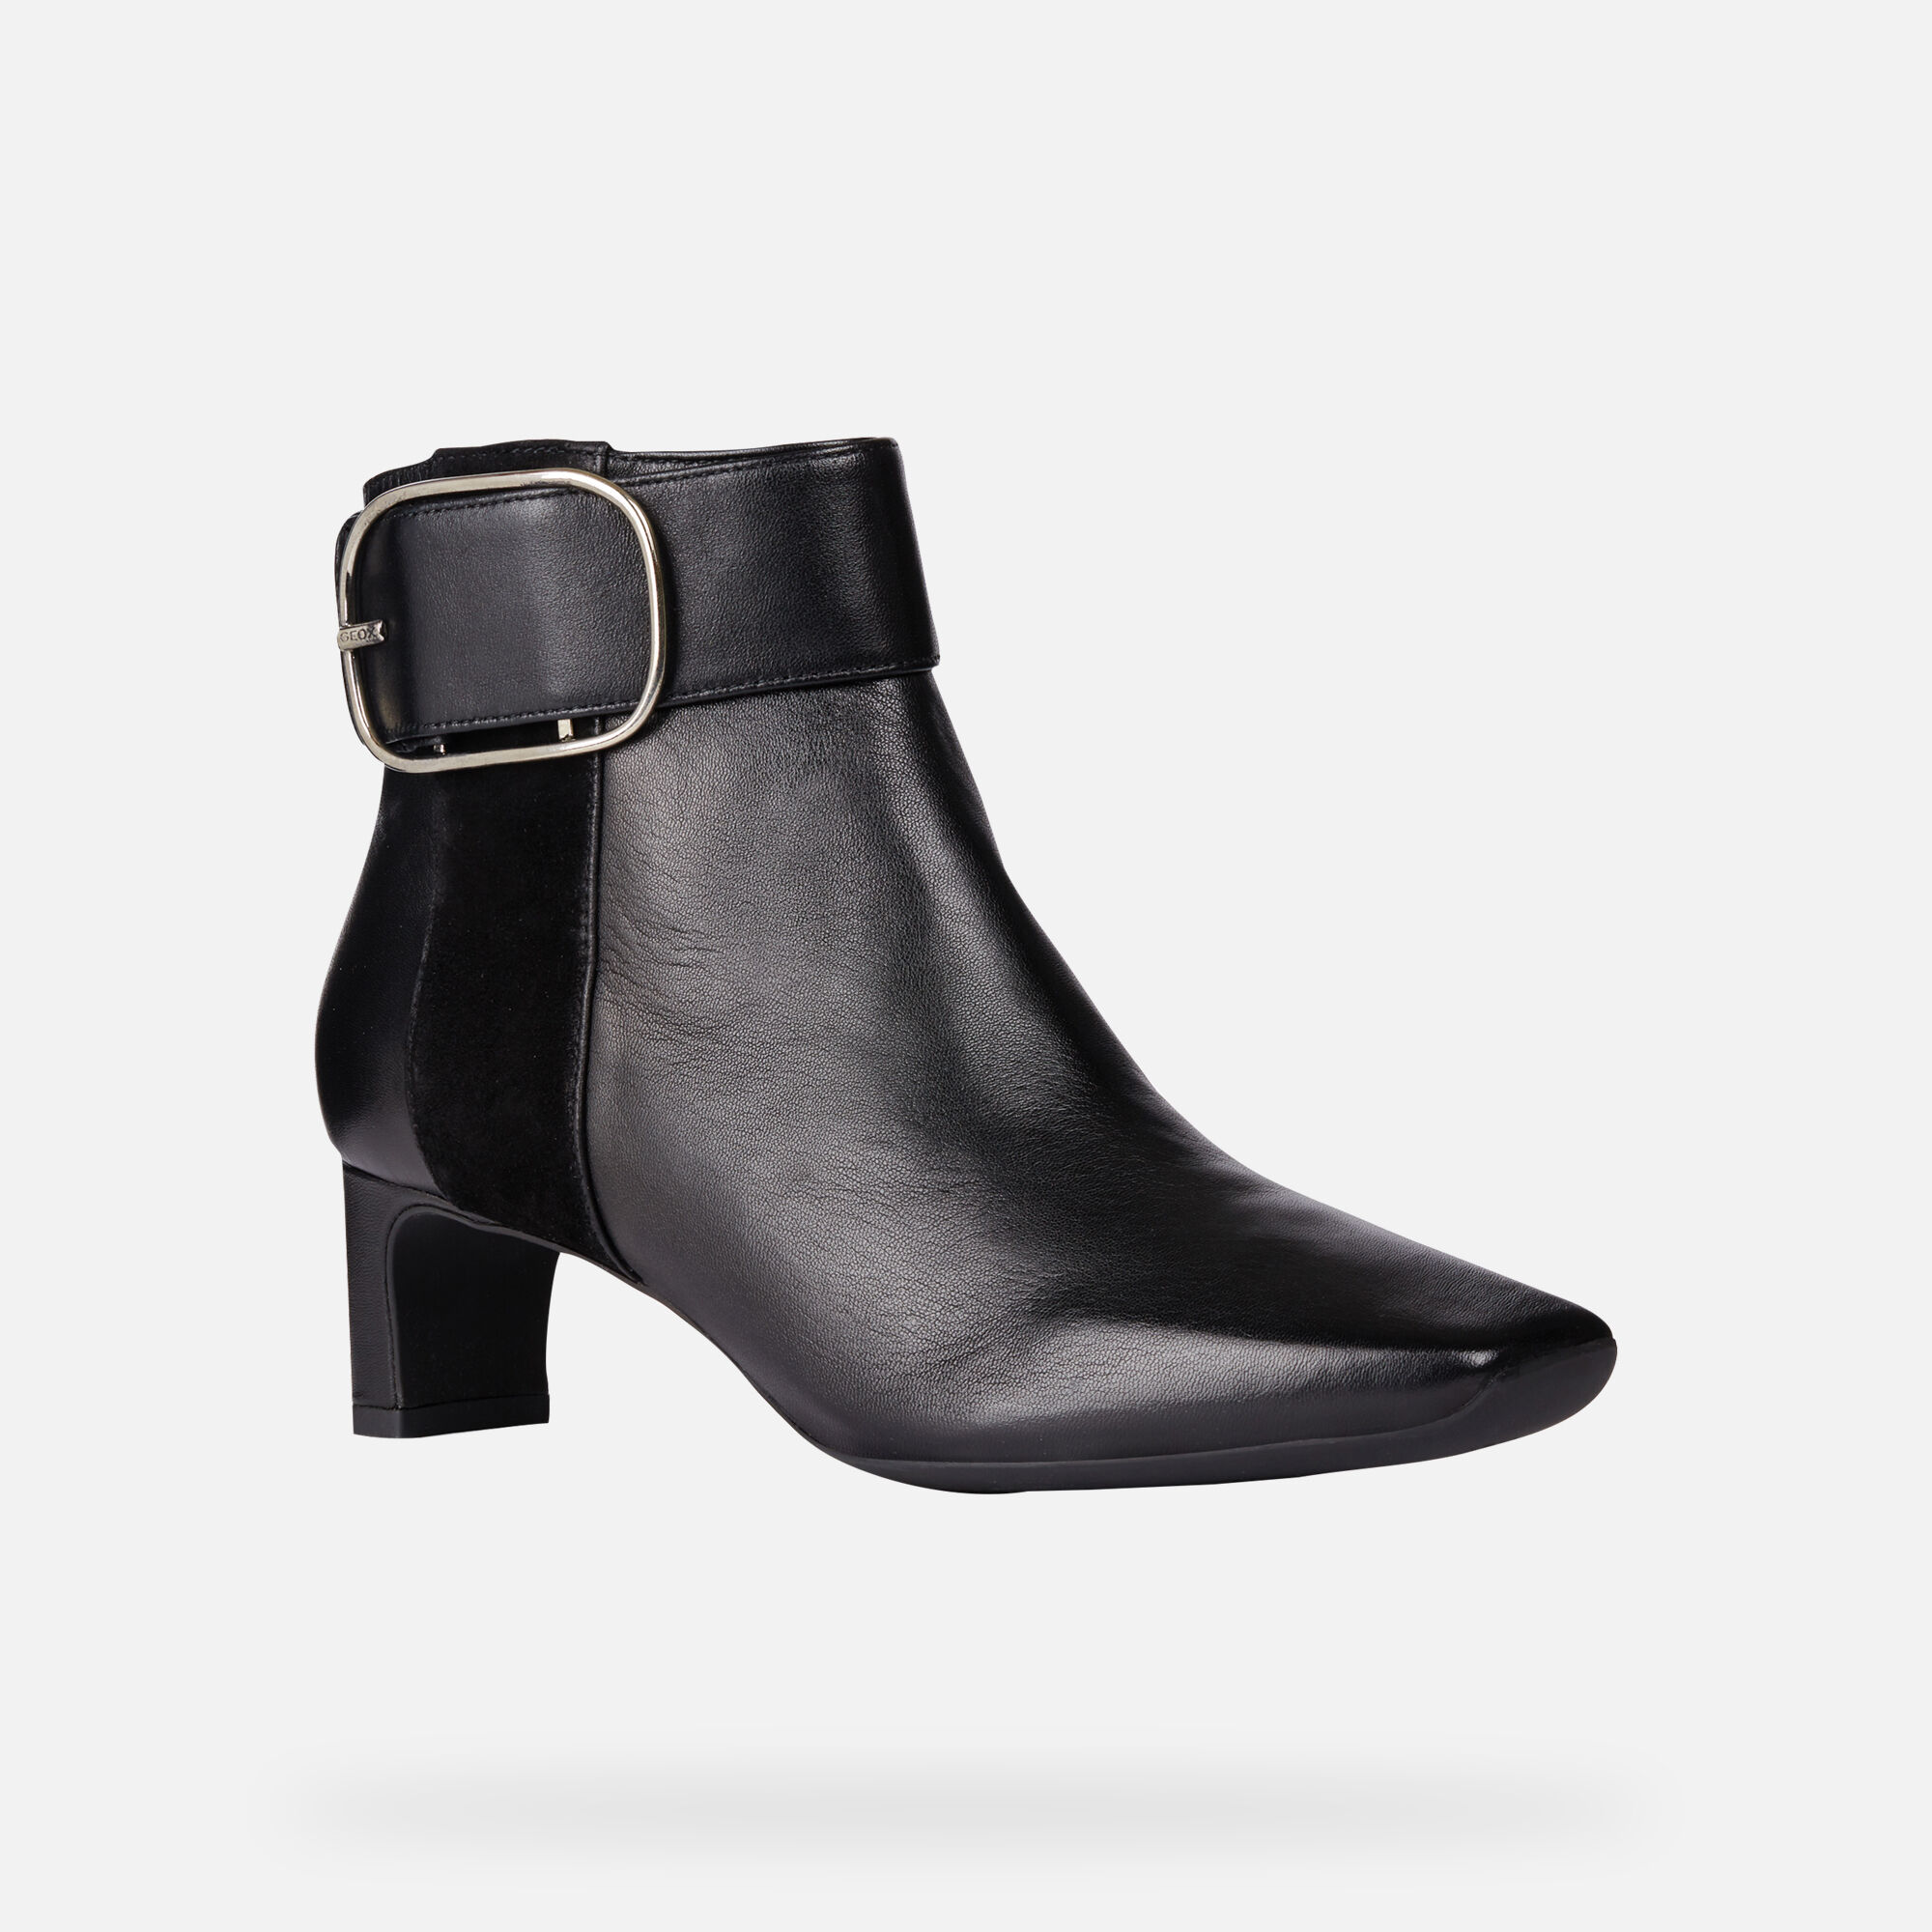 Reducción de precio Mujer Zapatos Geox Sandalia negra de